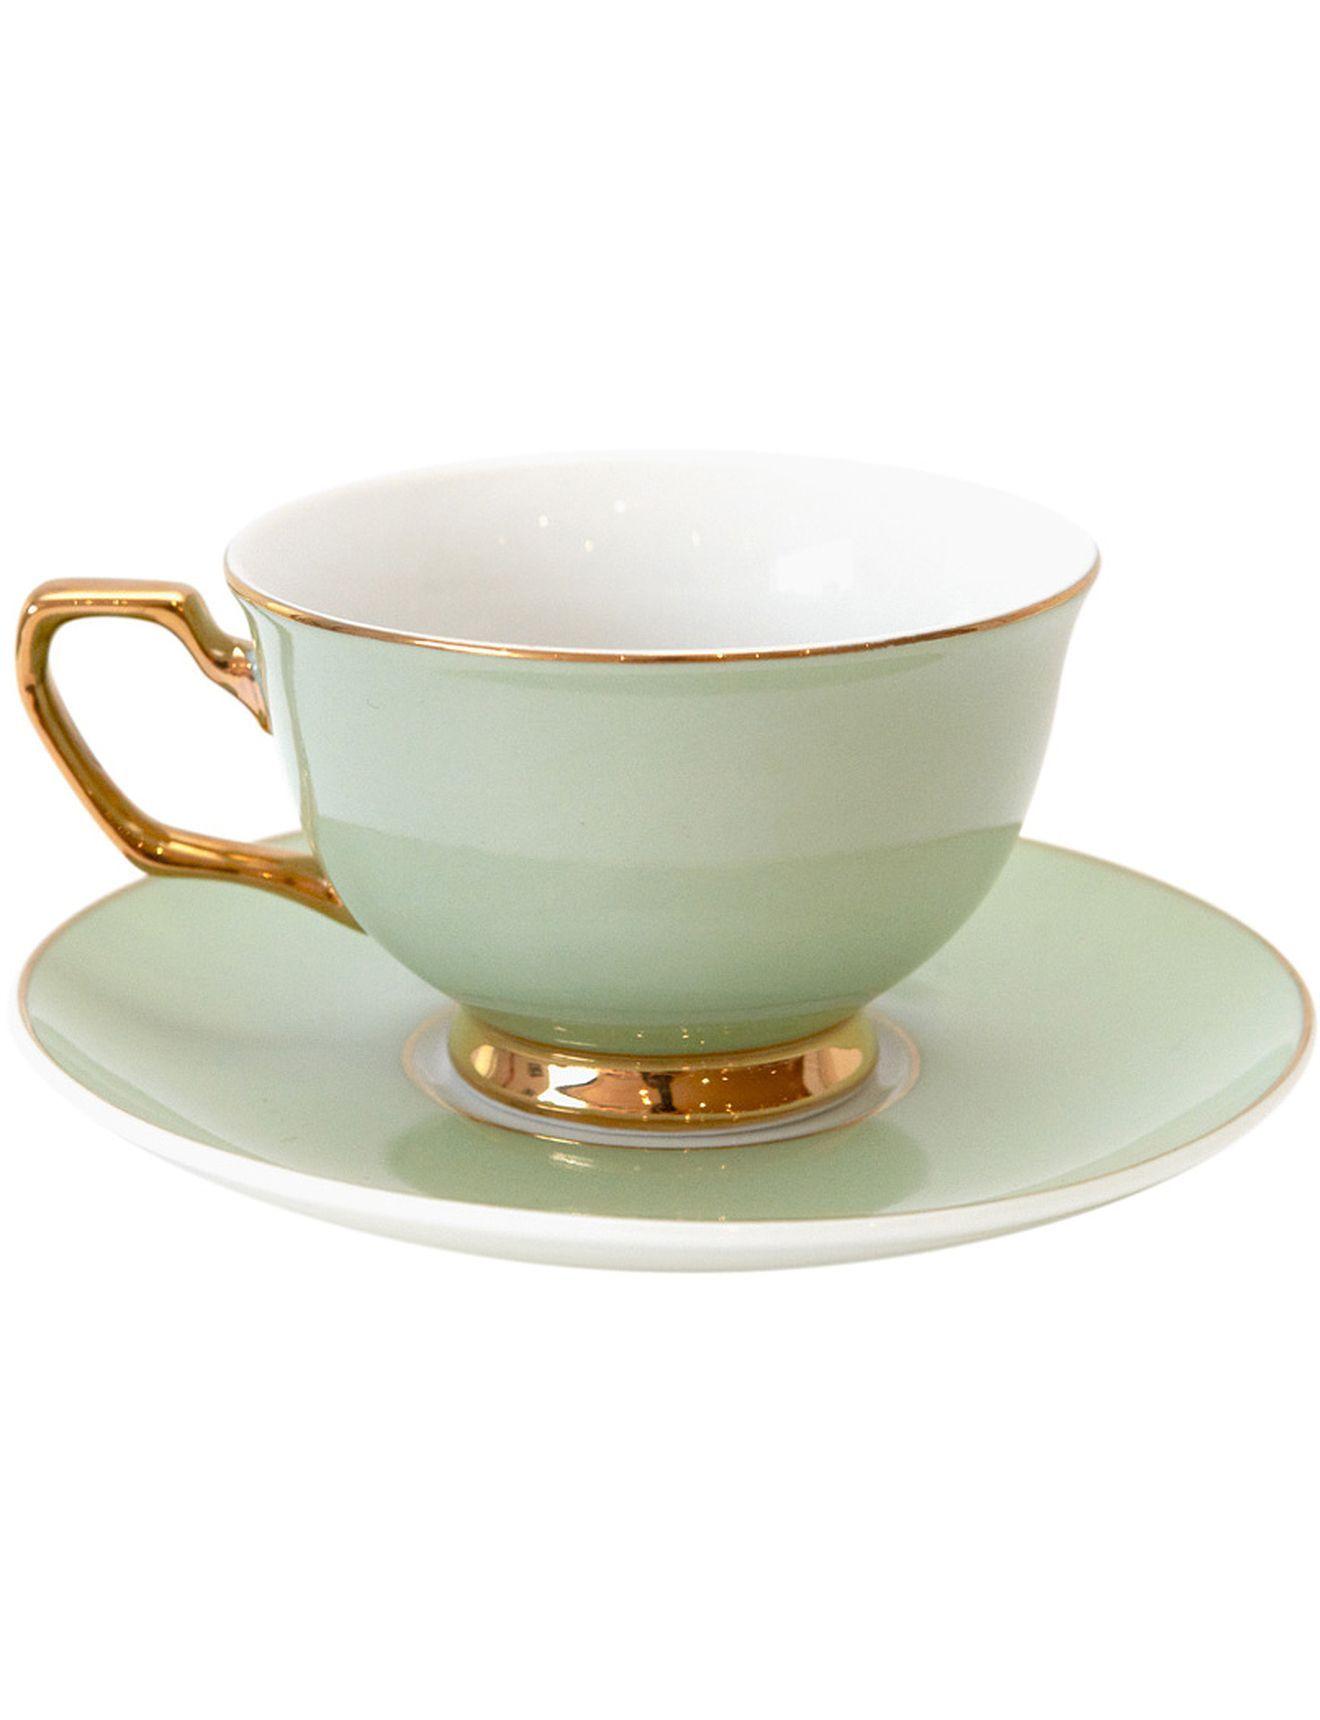 Signature Teacup \u0026 Saucer   David Jones  sc 1 st  Pinterest & Signature Teacup \u0026 Saucer   David Jones   Green china and glass ...